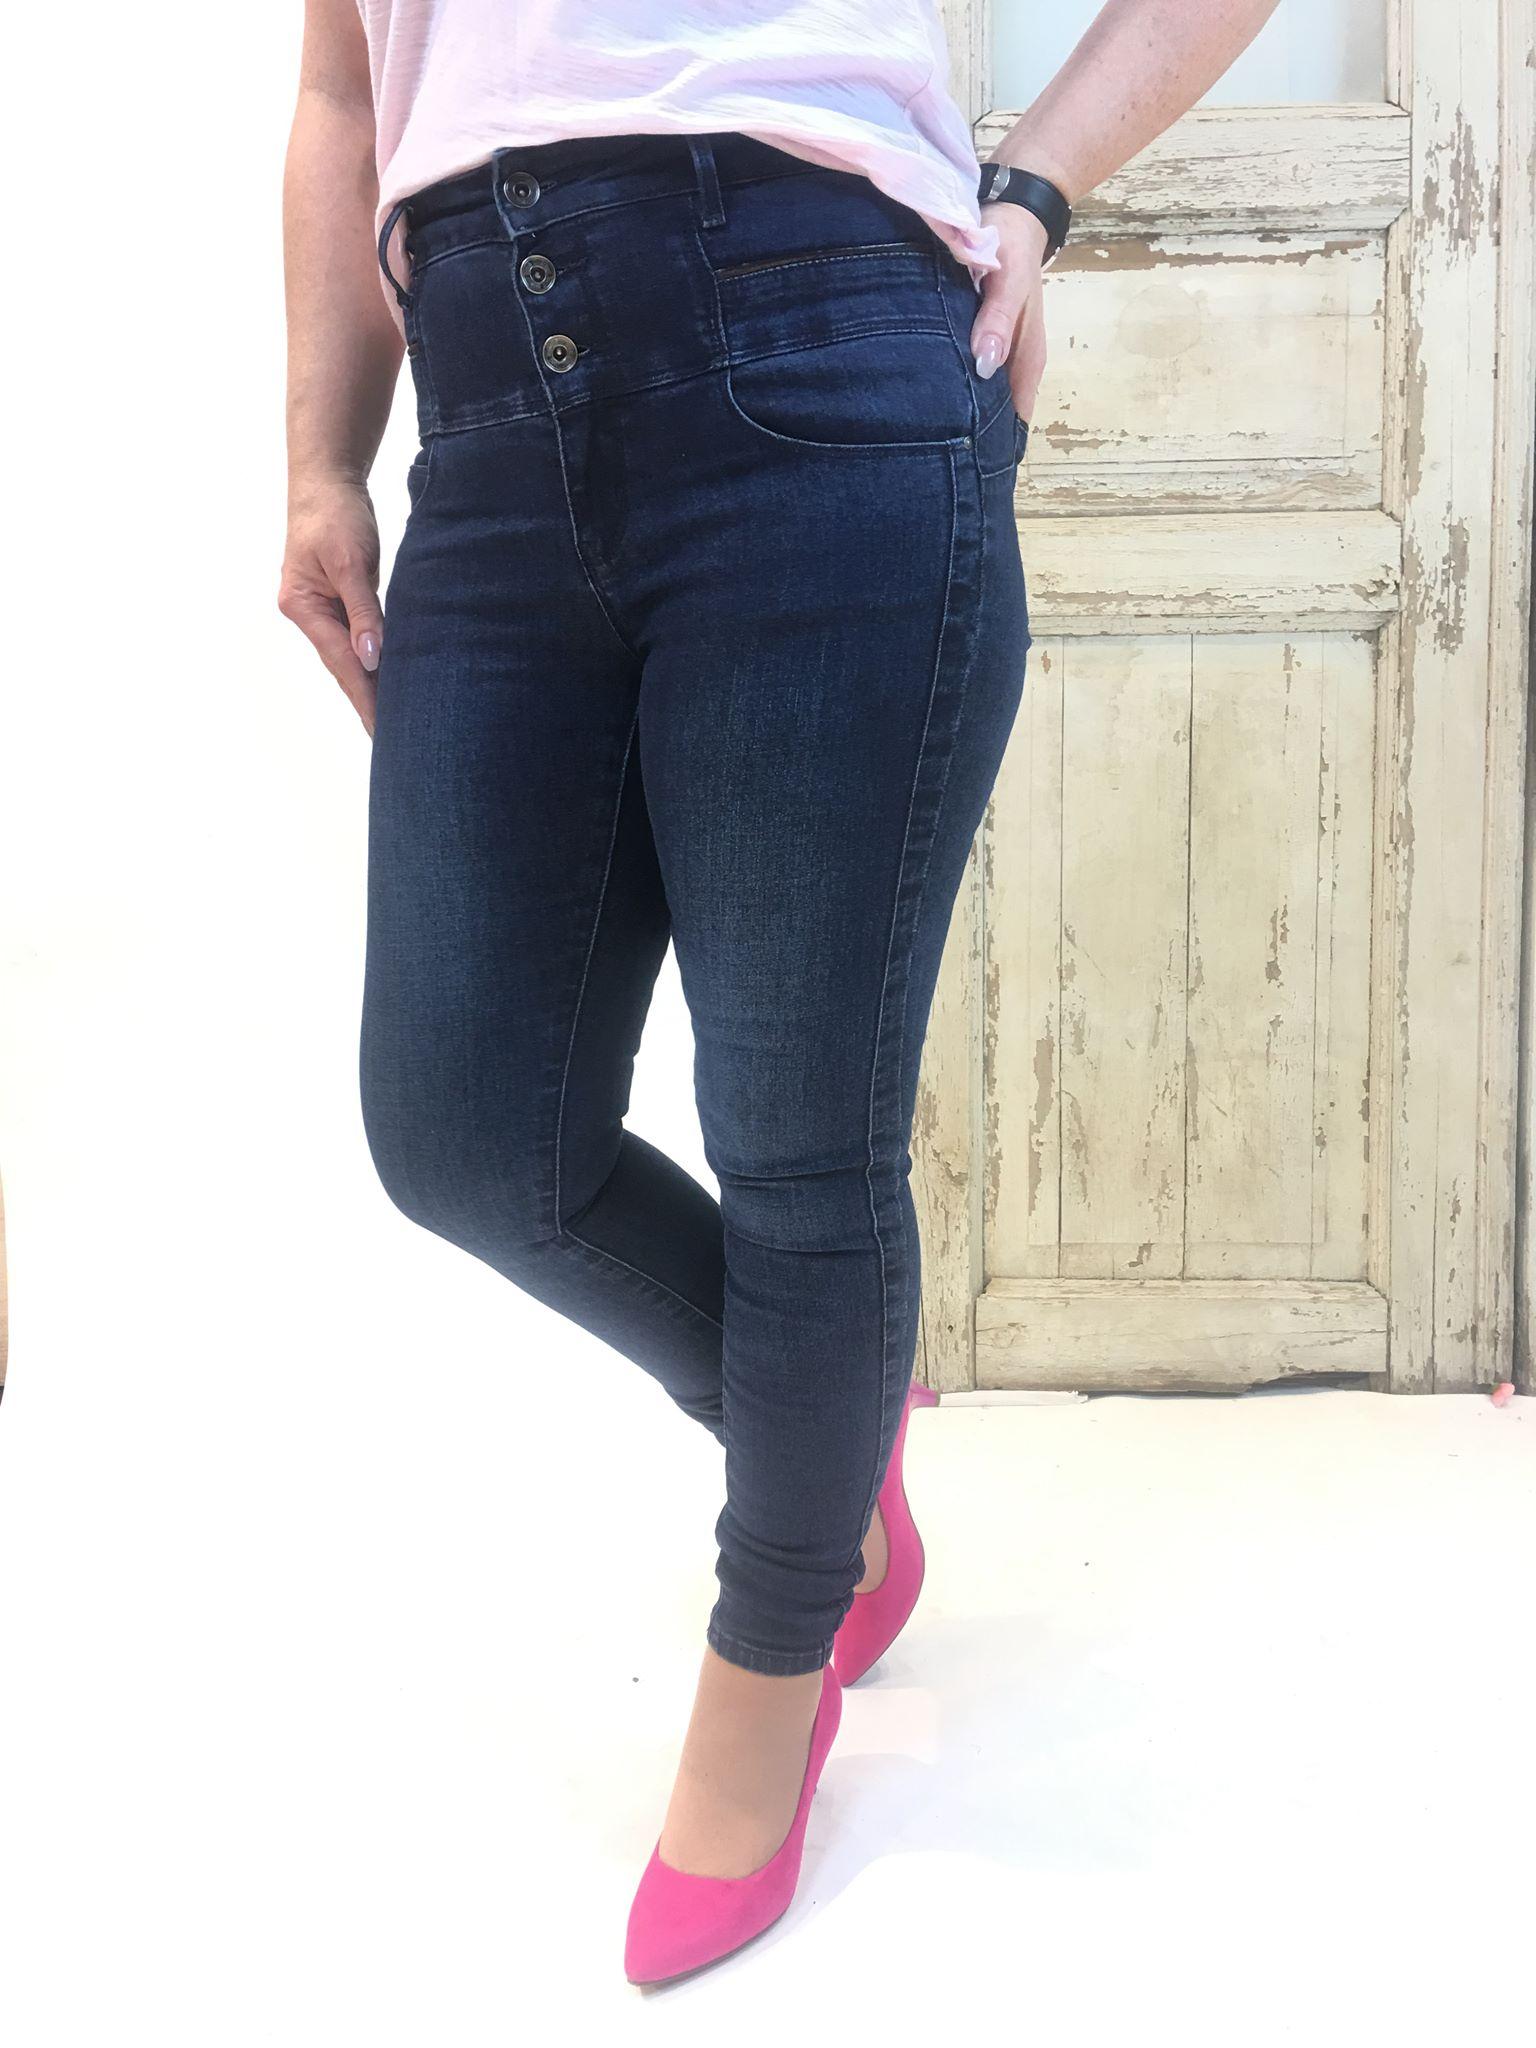 93d7b284 Pepper bukse høyt liv – Pepper jeans med ekstra høyt liv – Mio Trend